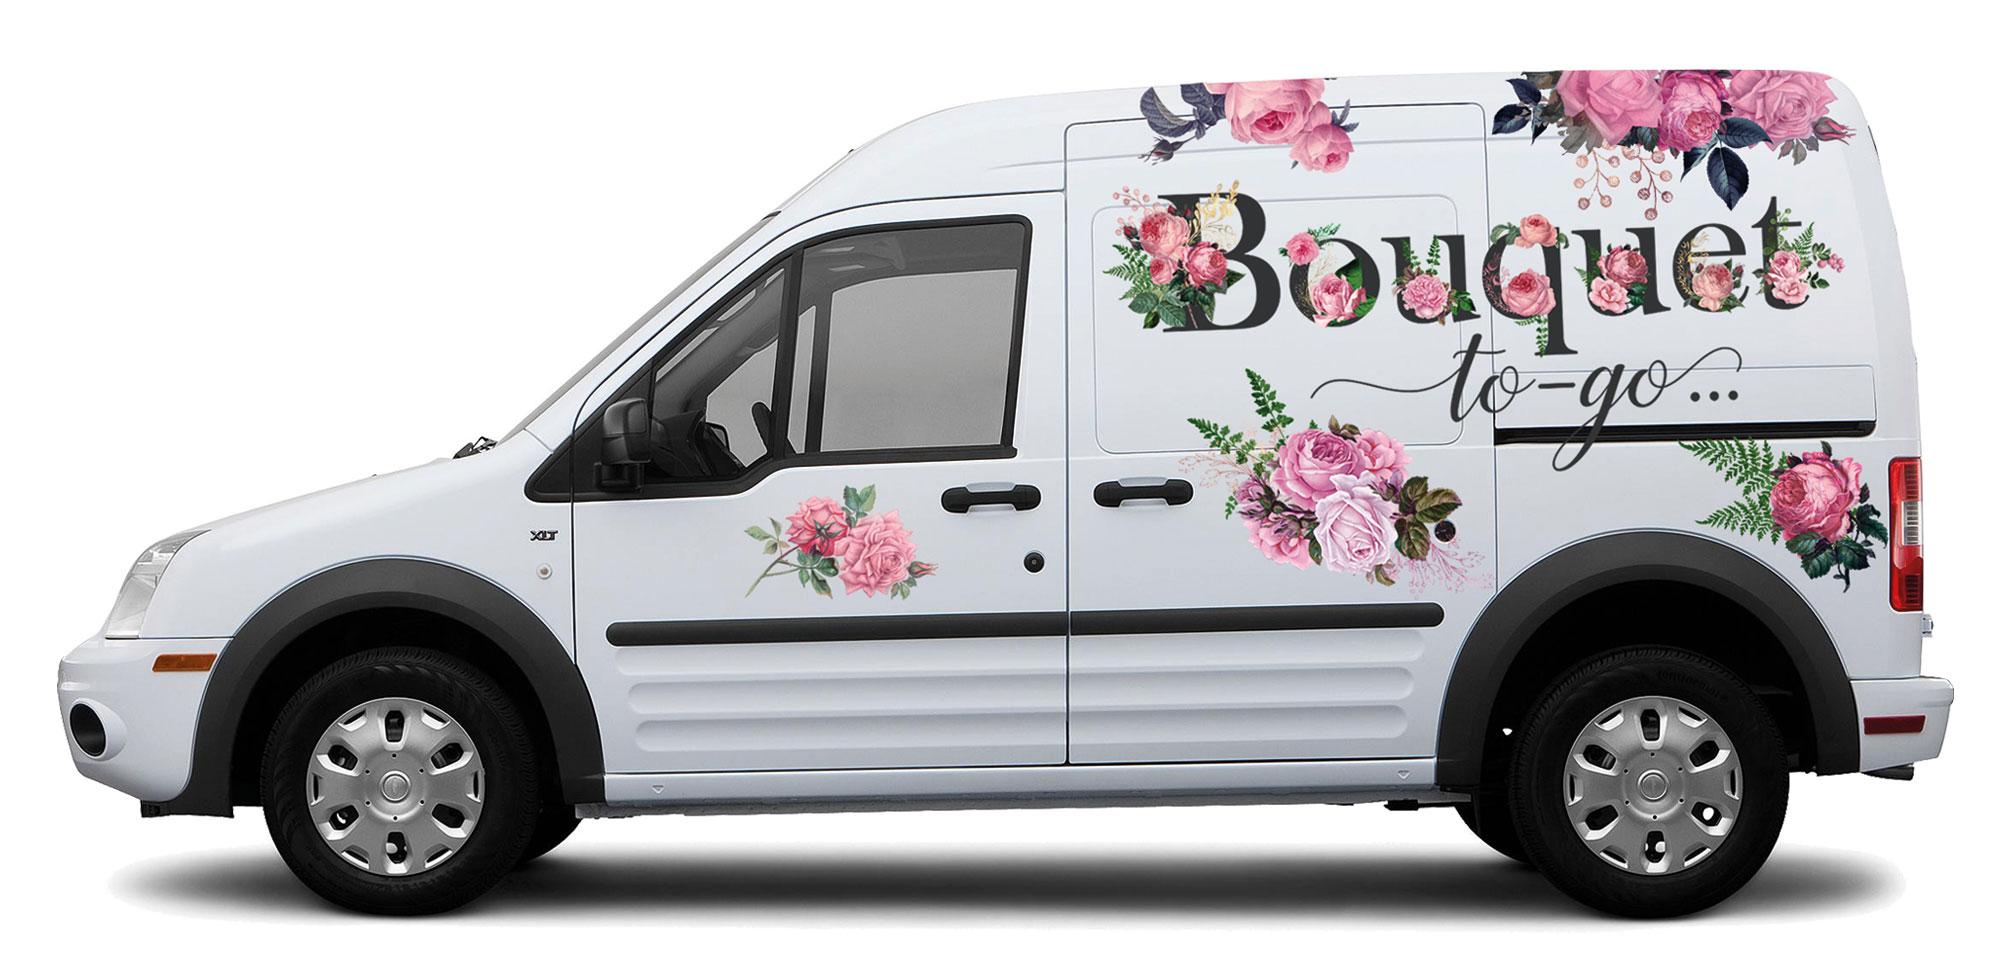 Bouquet_To_Go_Van.jpg